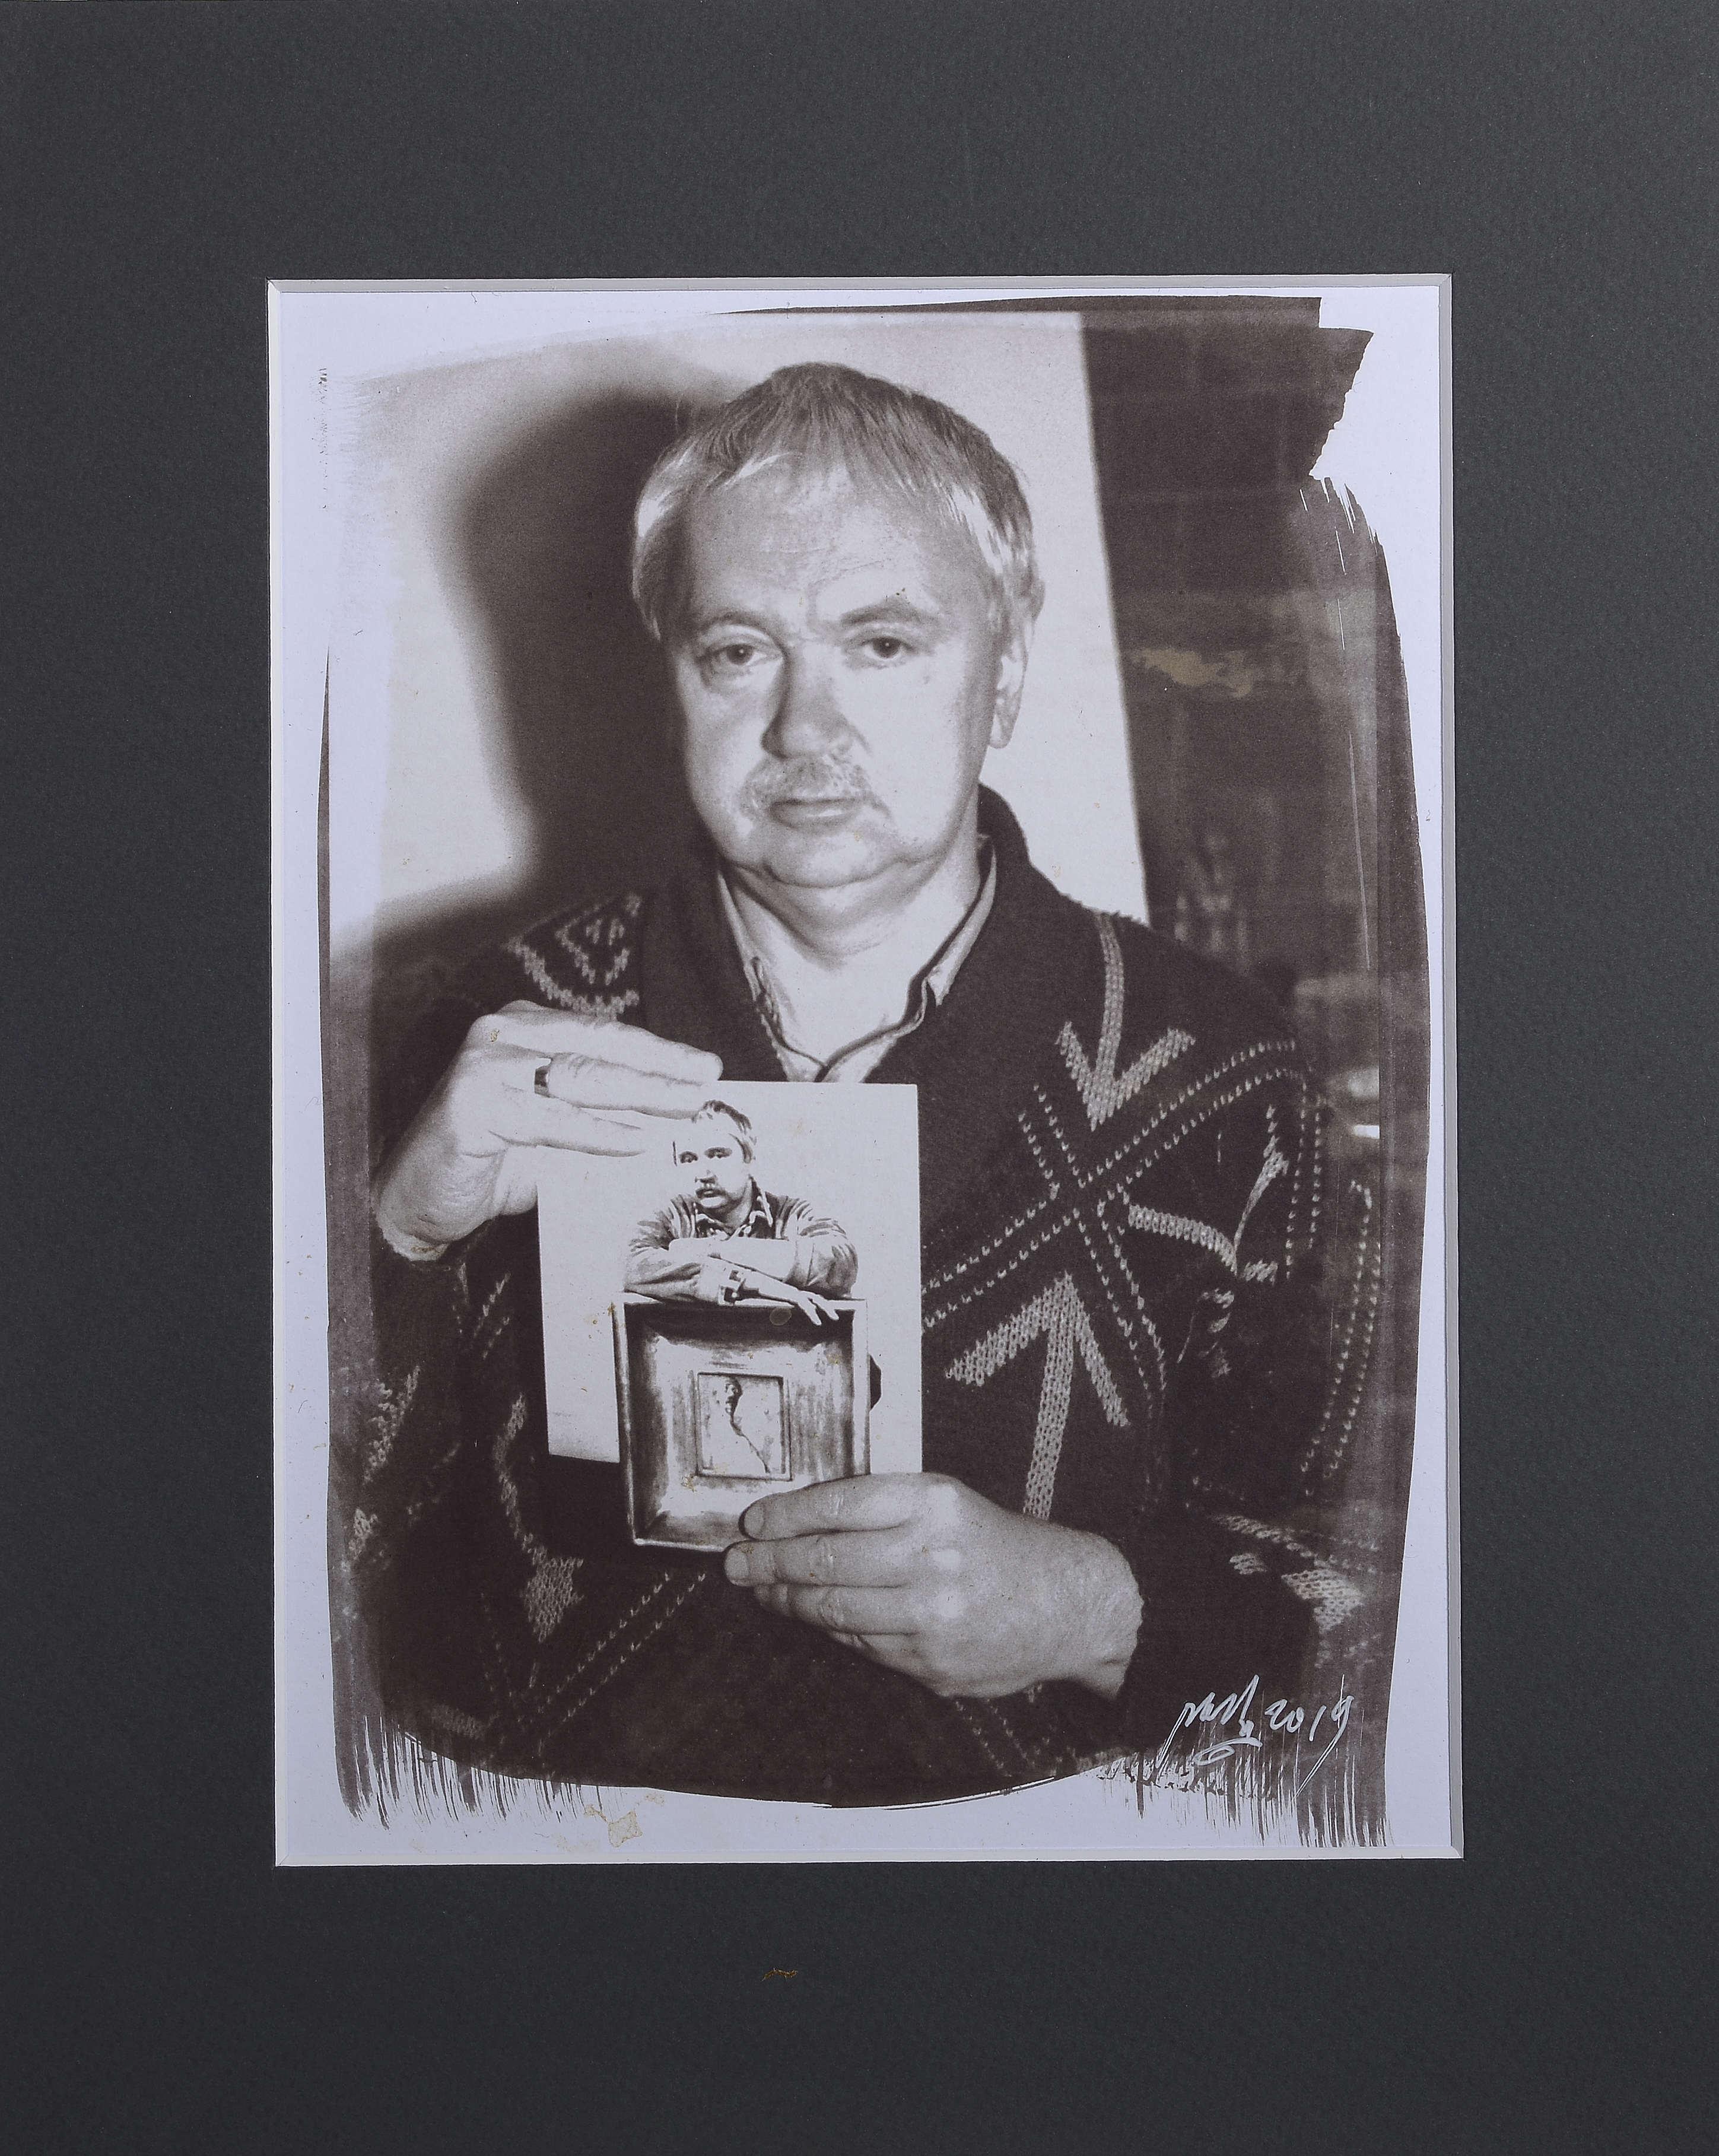 Jerzy Duda - Gracz, 2004/2019